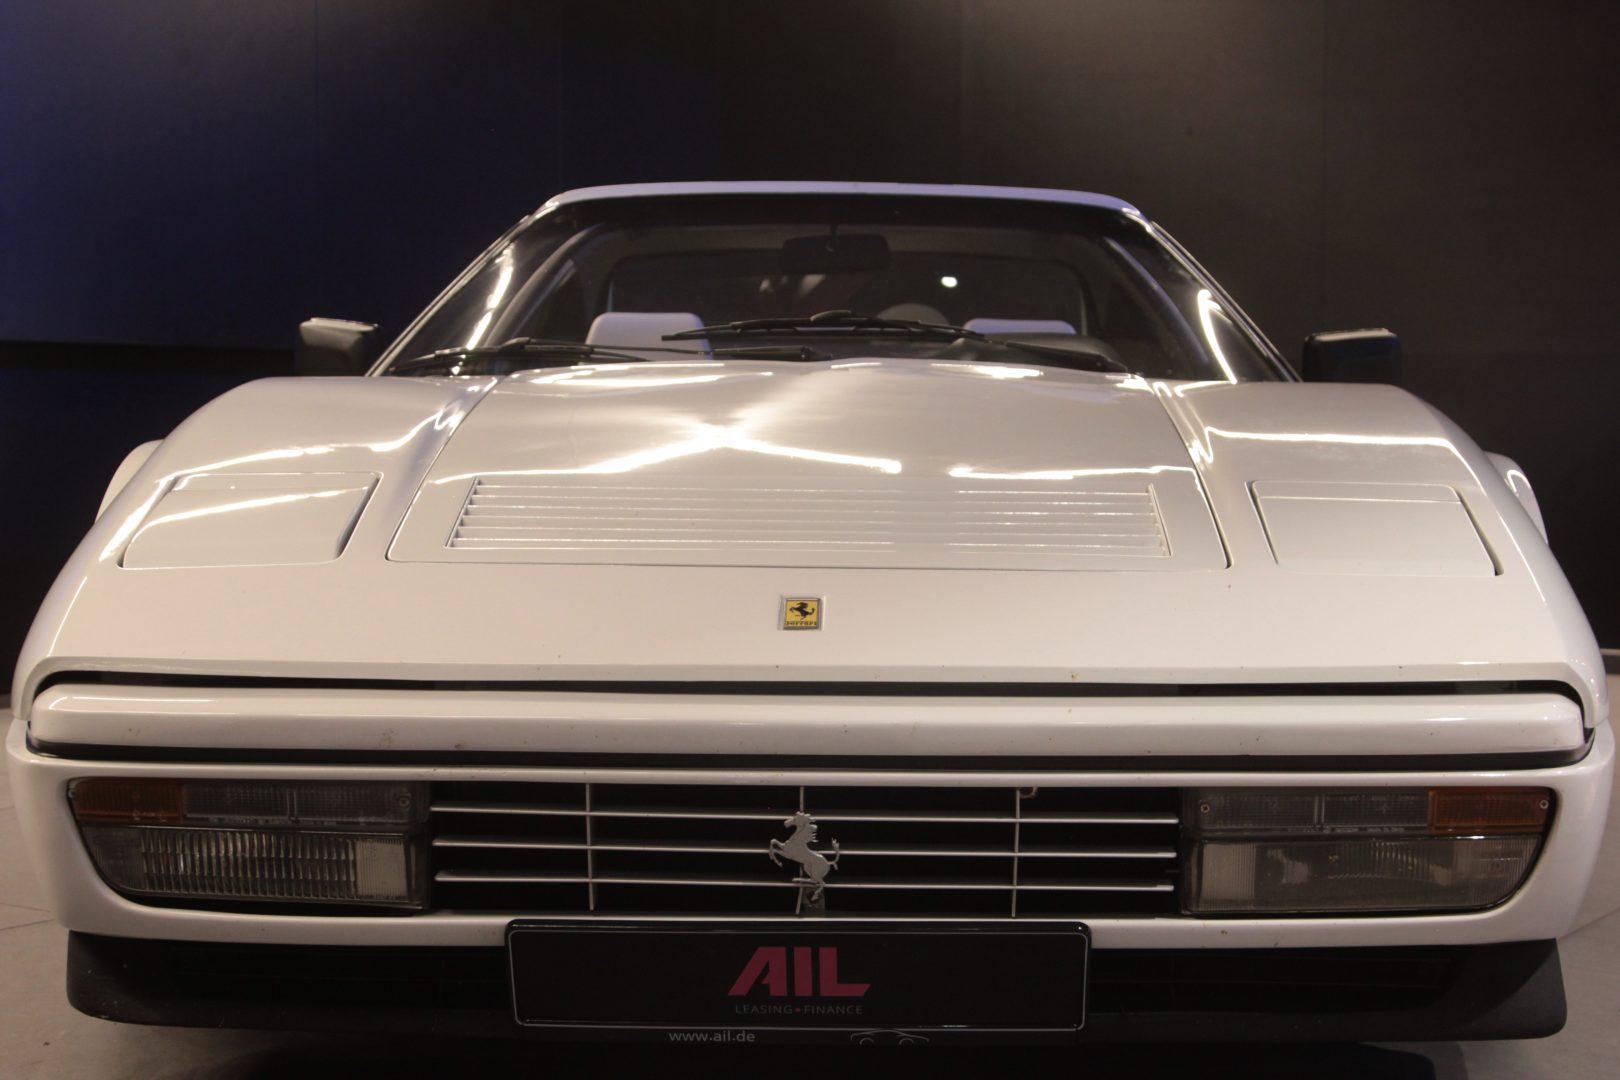 AIL Ferrari 328 GTS 4